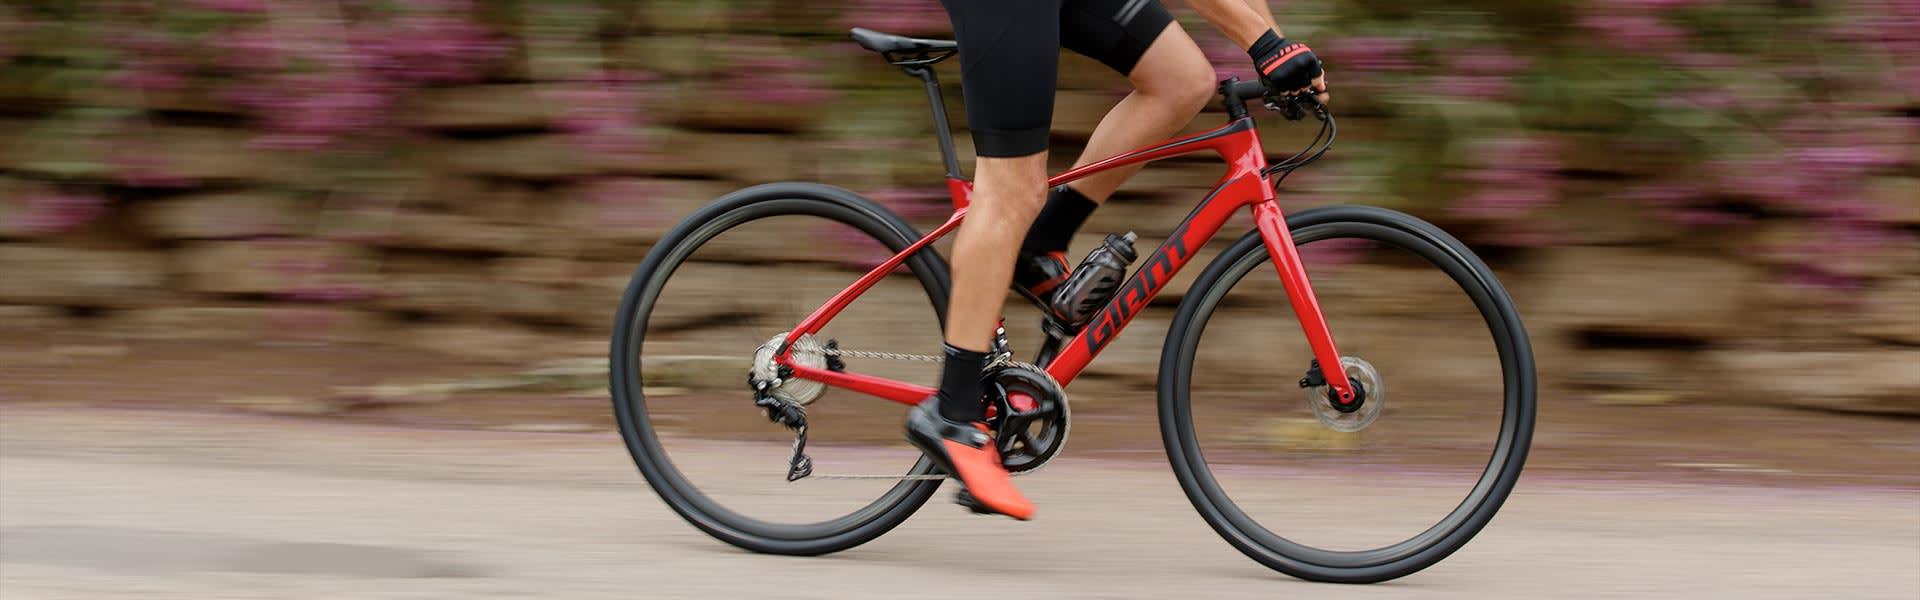 Bici Fitness